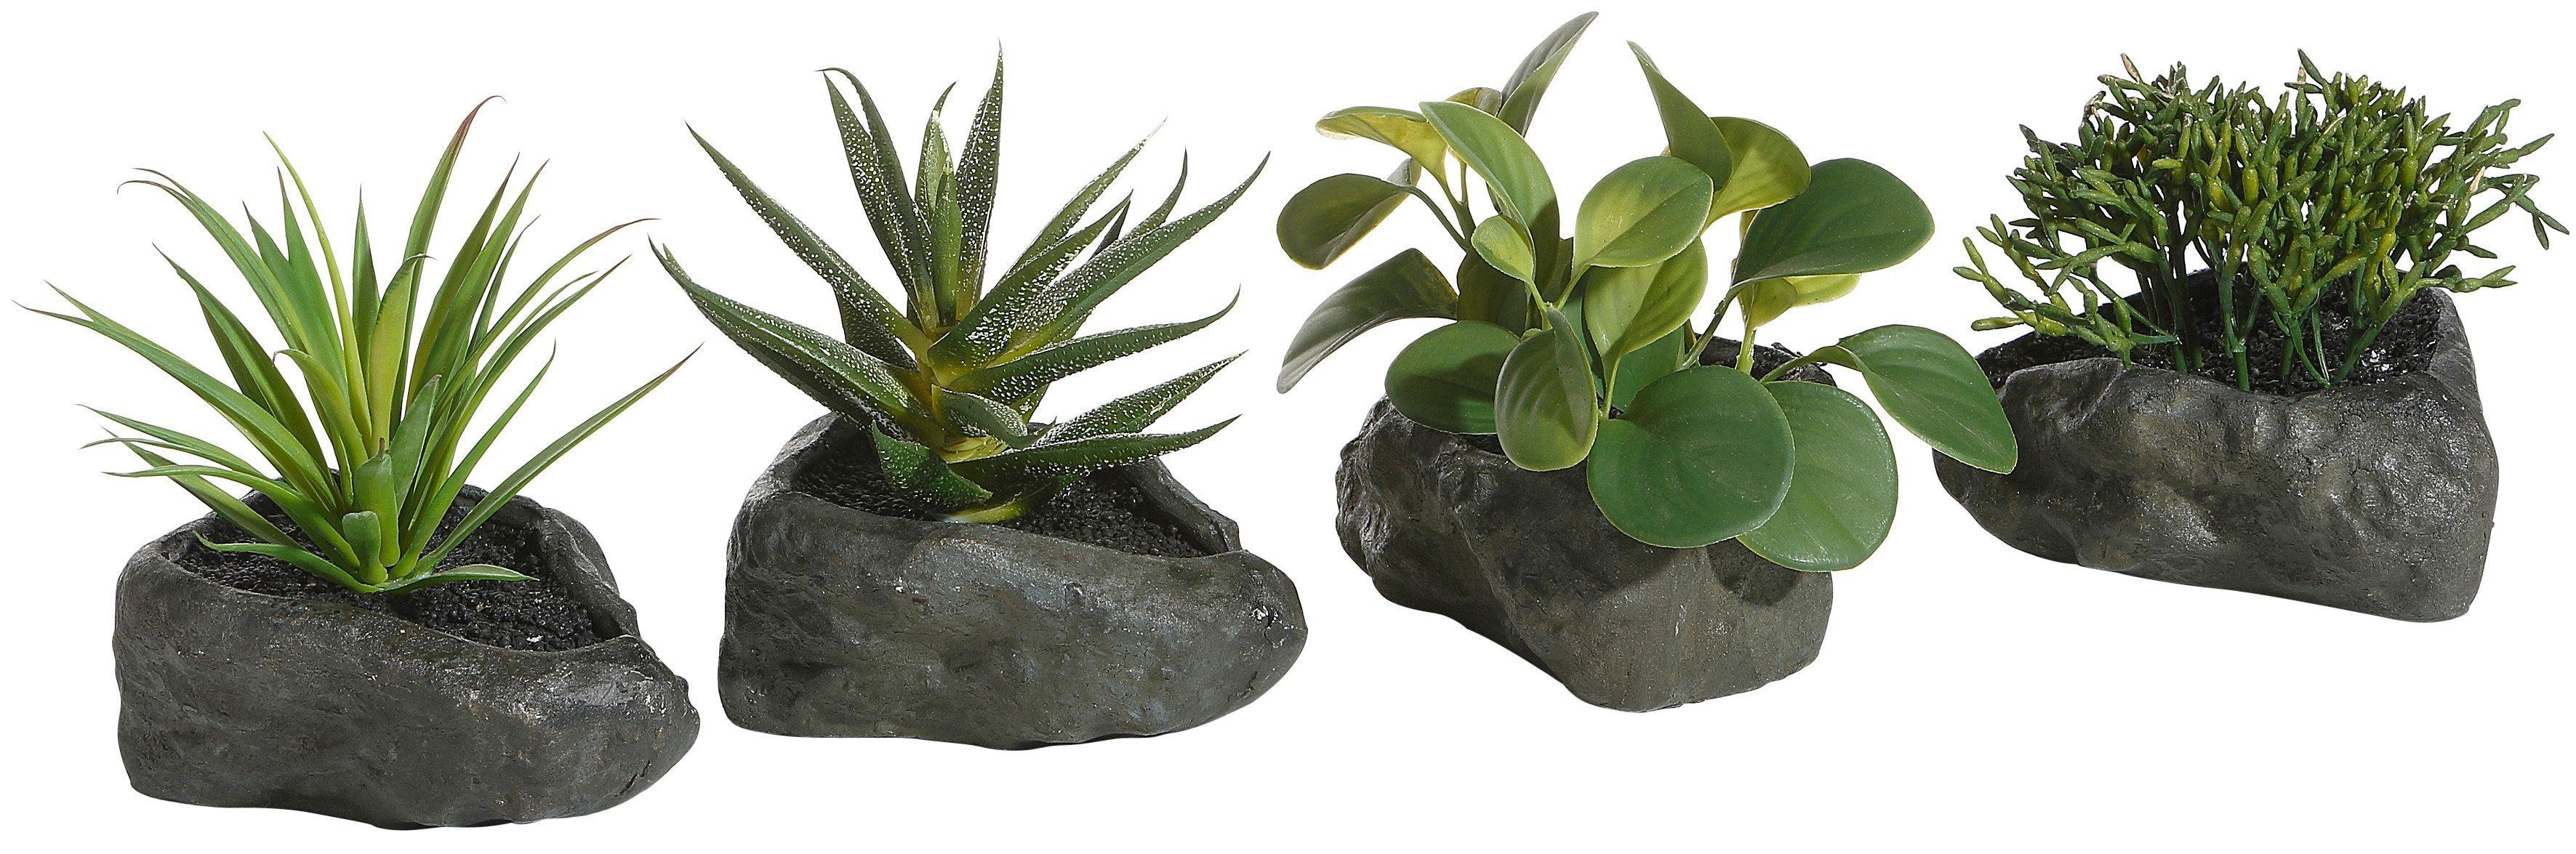 Home affaire Kunstpflanze »Sukkulenten« auf Steinen, (4-tlg.)